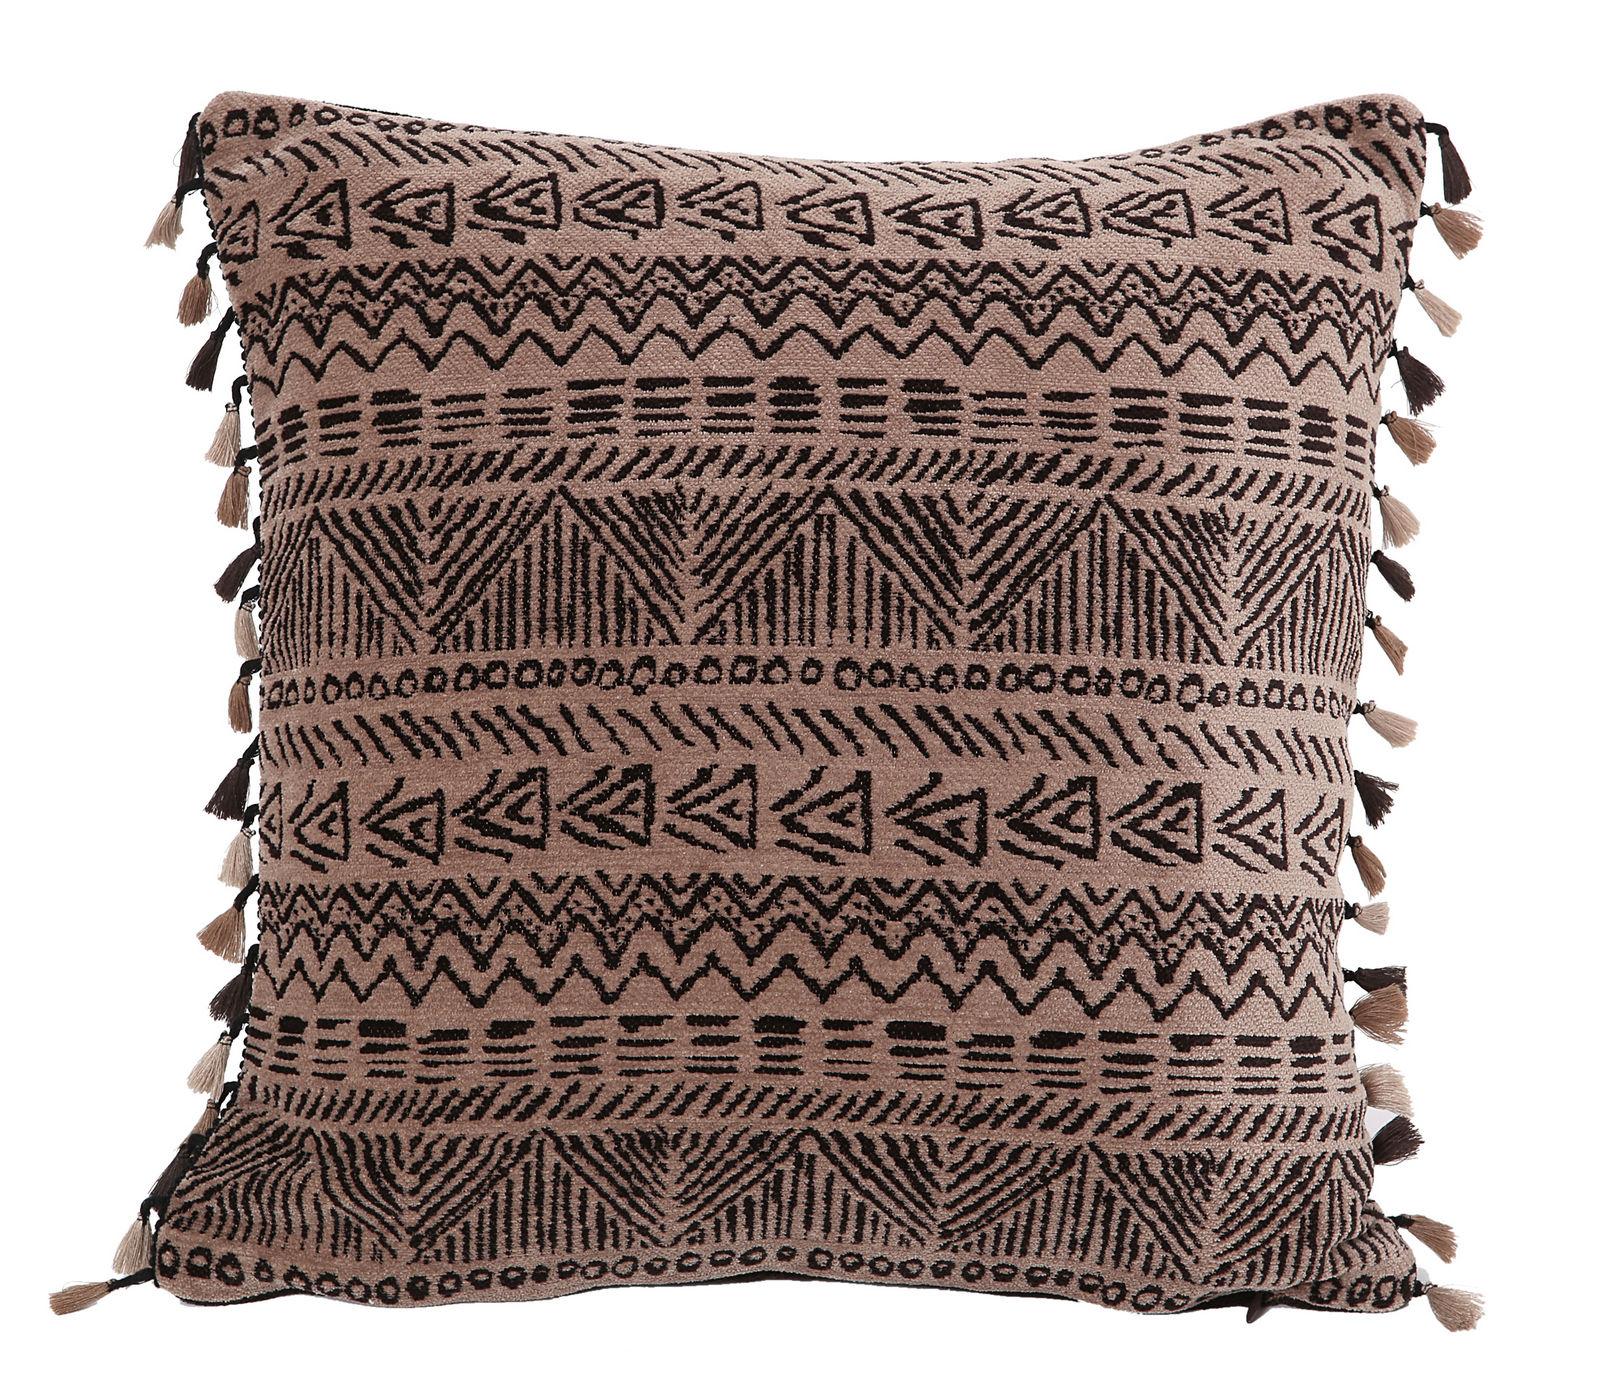 Διακοσμητικό Μαξιλάρι 45×45 Nef Nef Ζακαρ Africa Beige/Brown